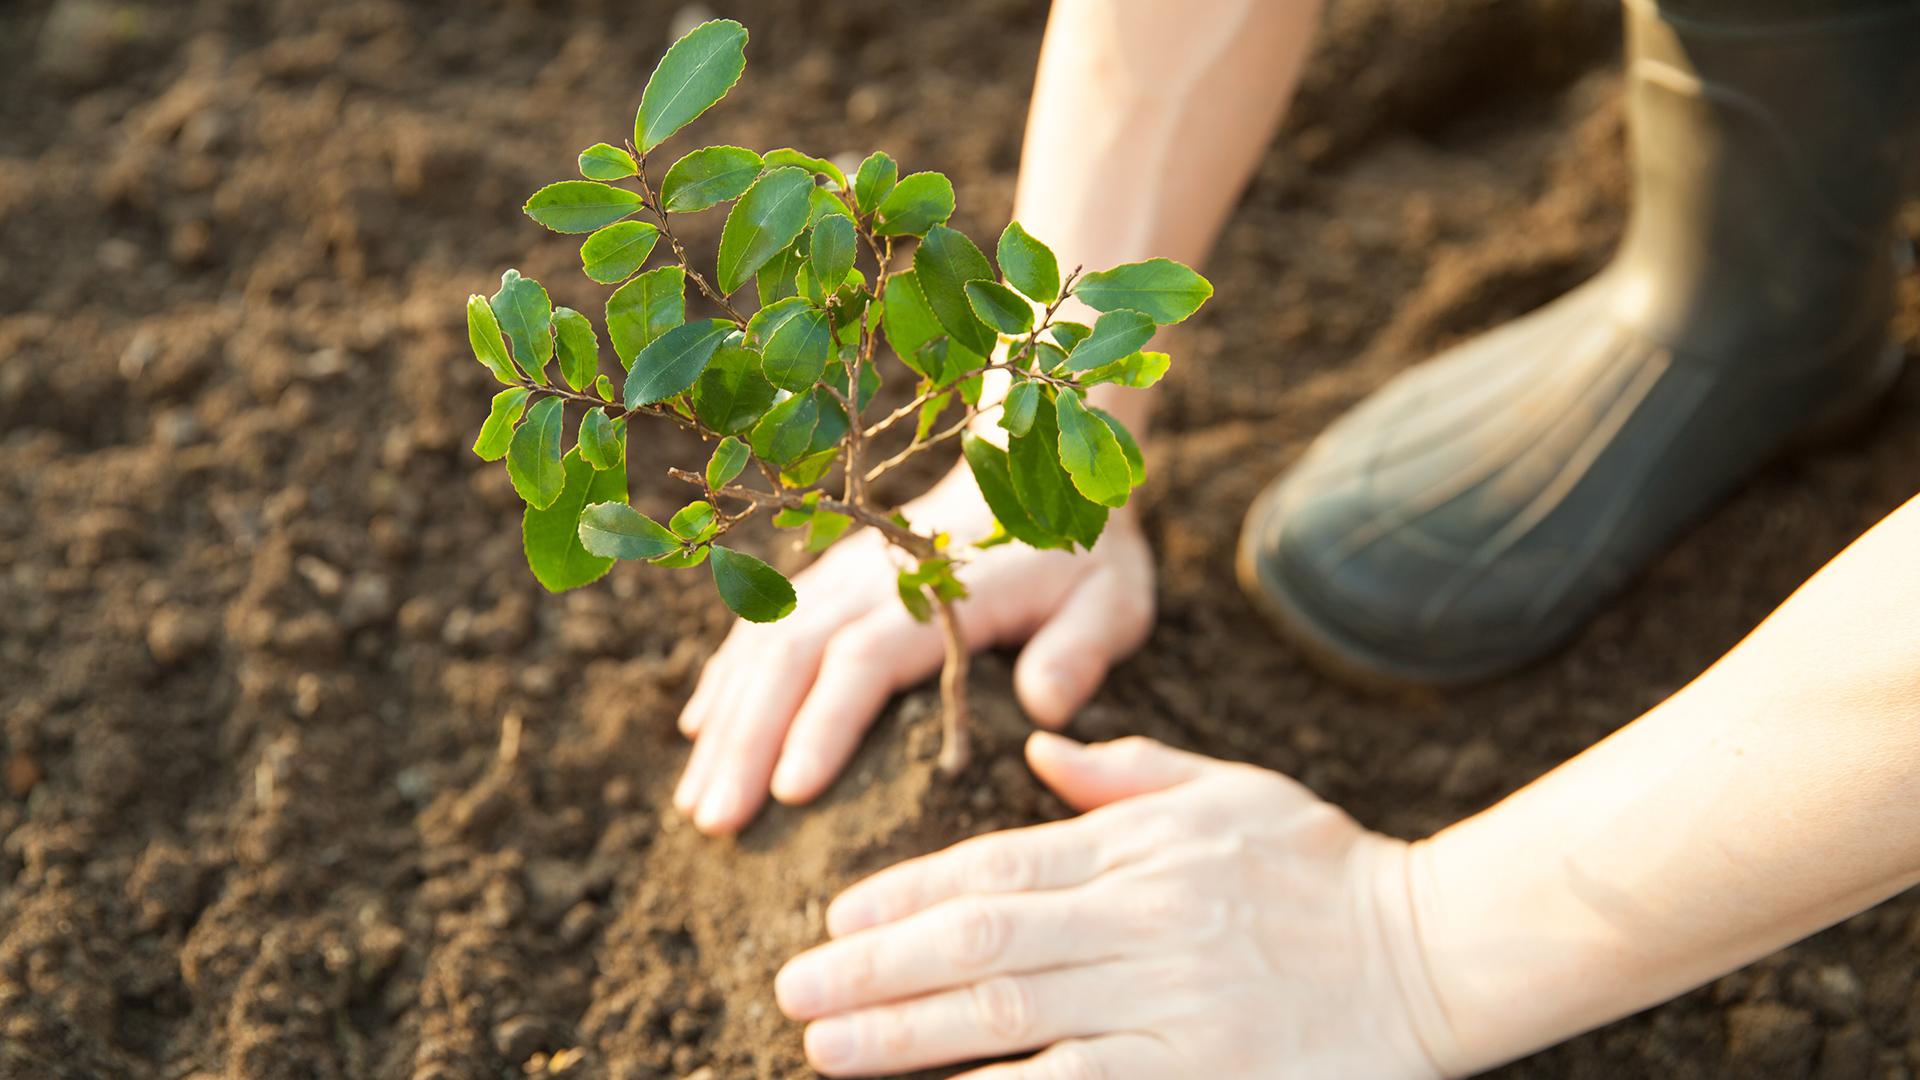 Zwei Hände pflanzen einen kleinen Baum in der Erde.